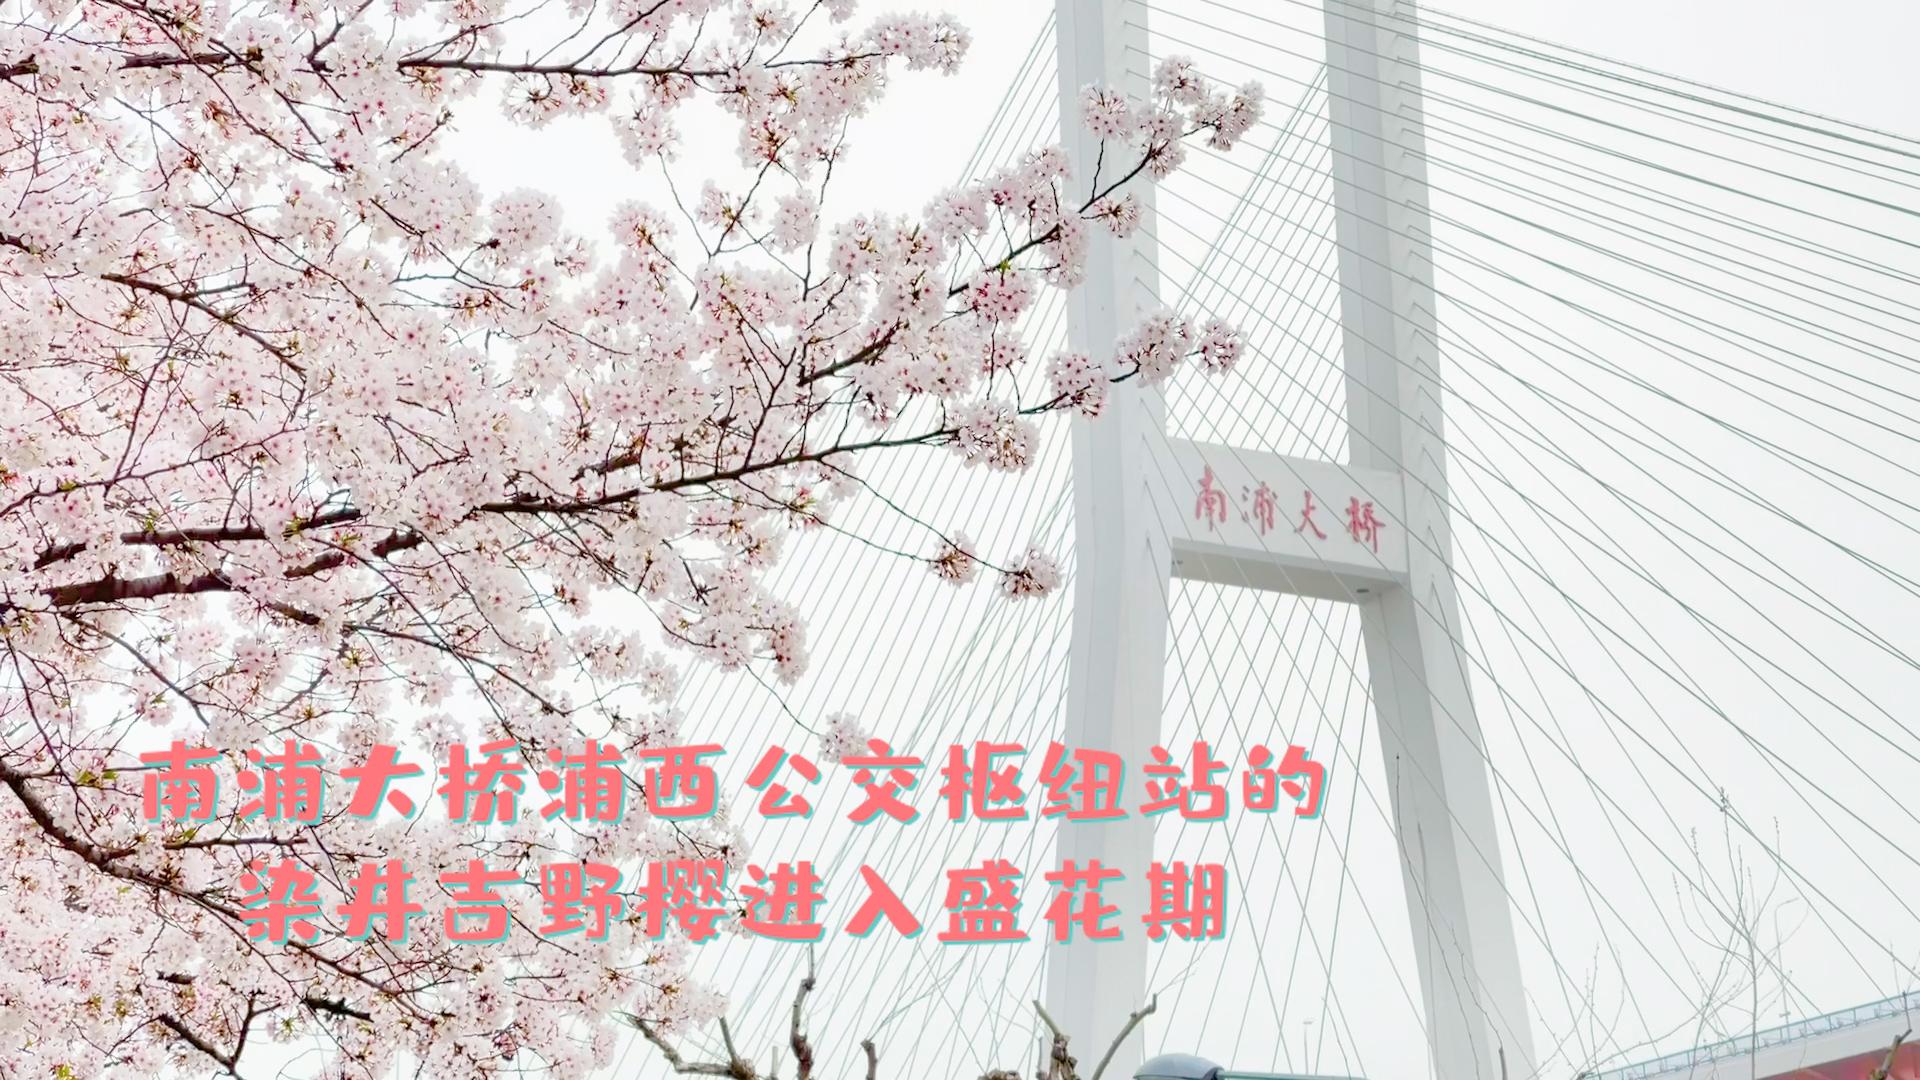 edit_1.00_00_05_06.Still006.jpg